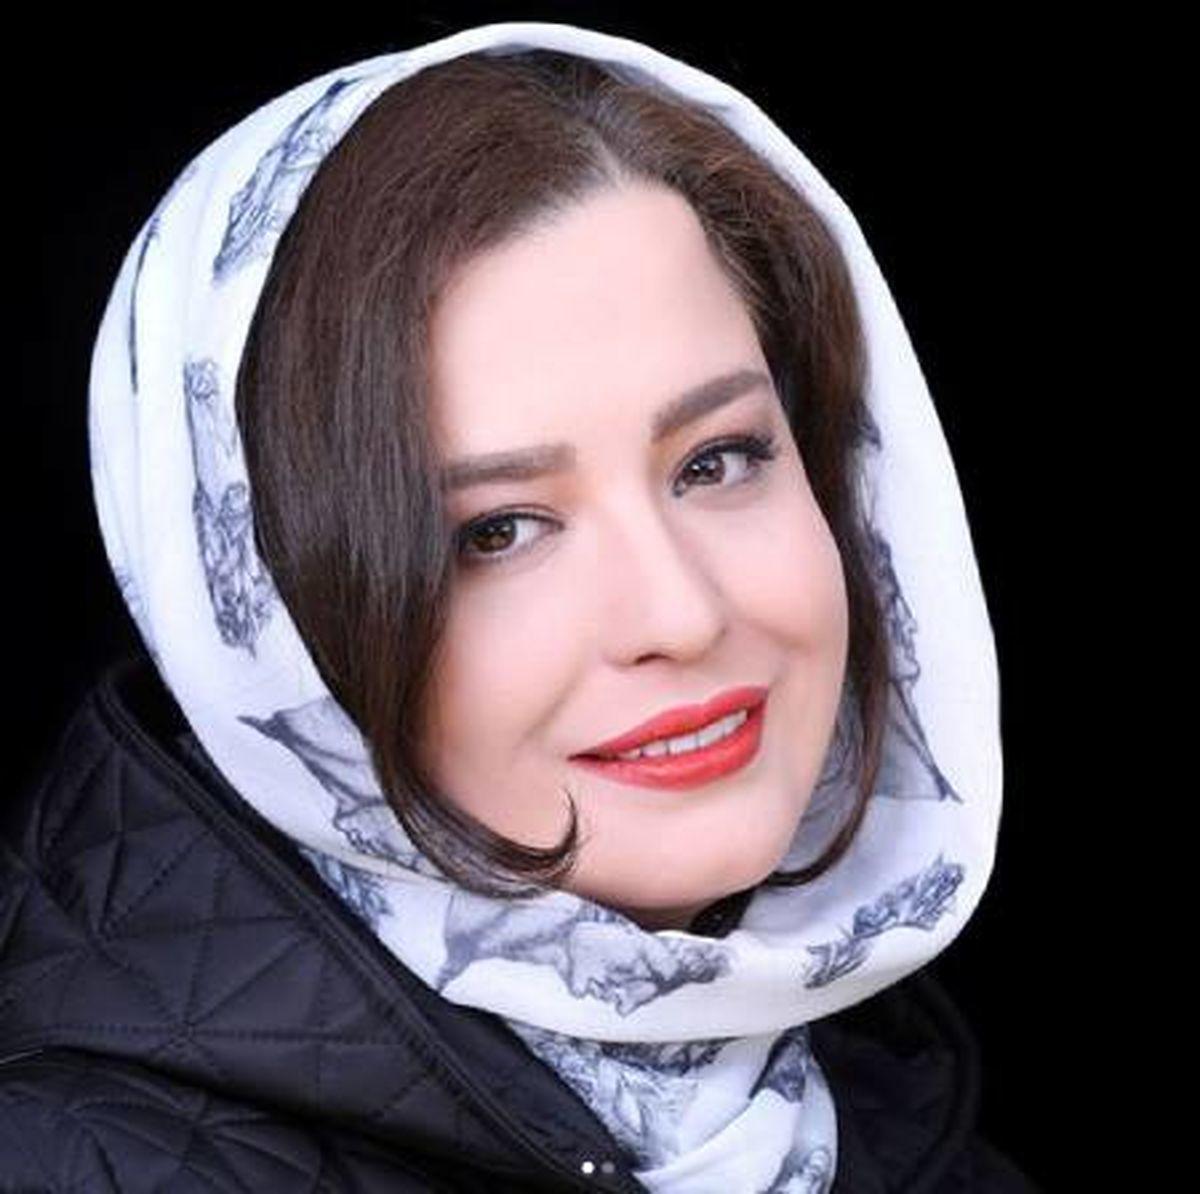 استایل ساده مهراوه شریفی نیا + عکس